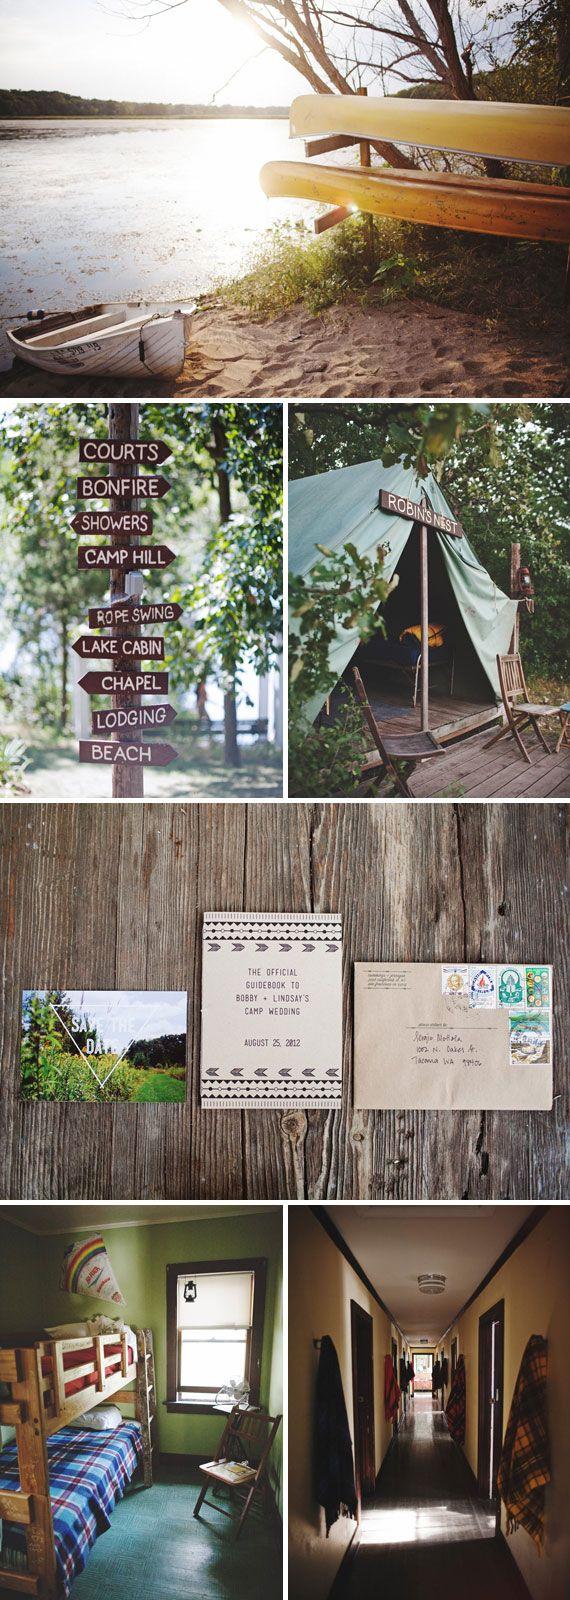 amazing camp wedding on Etsy blog